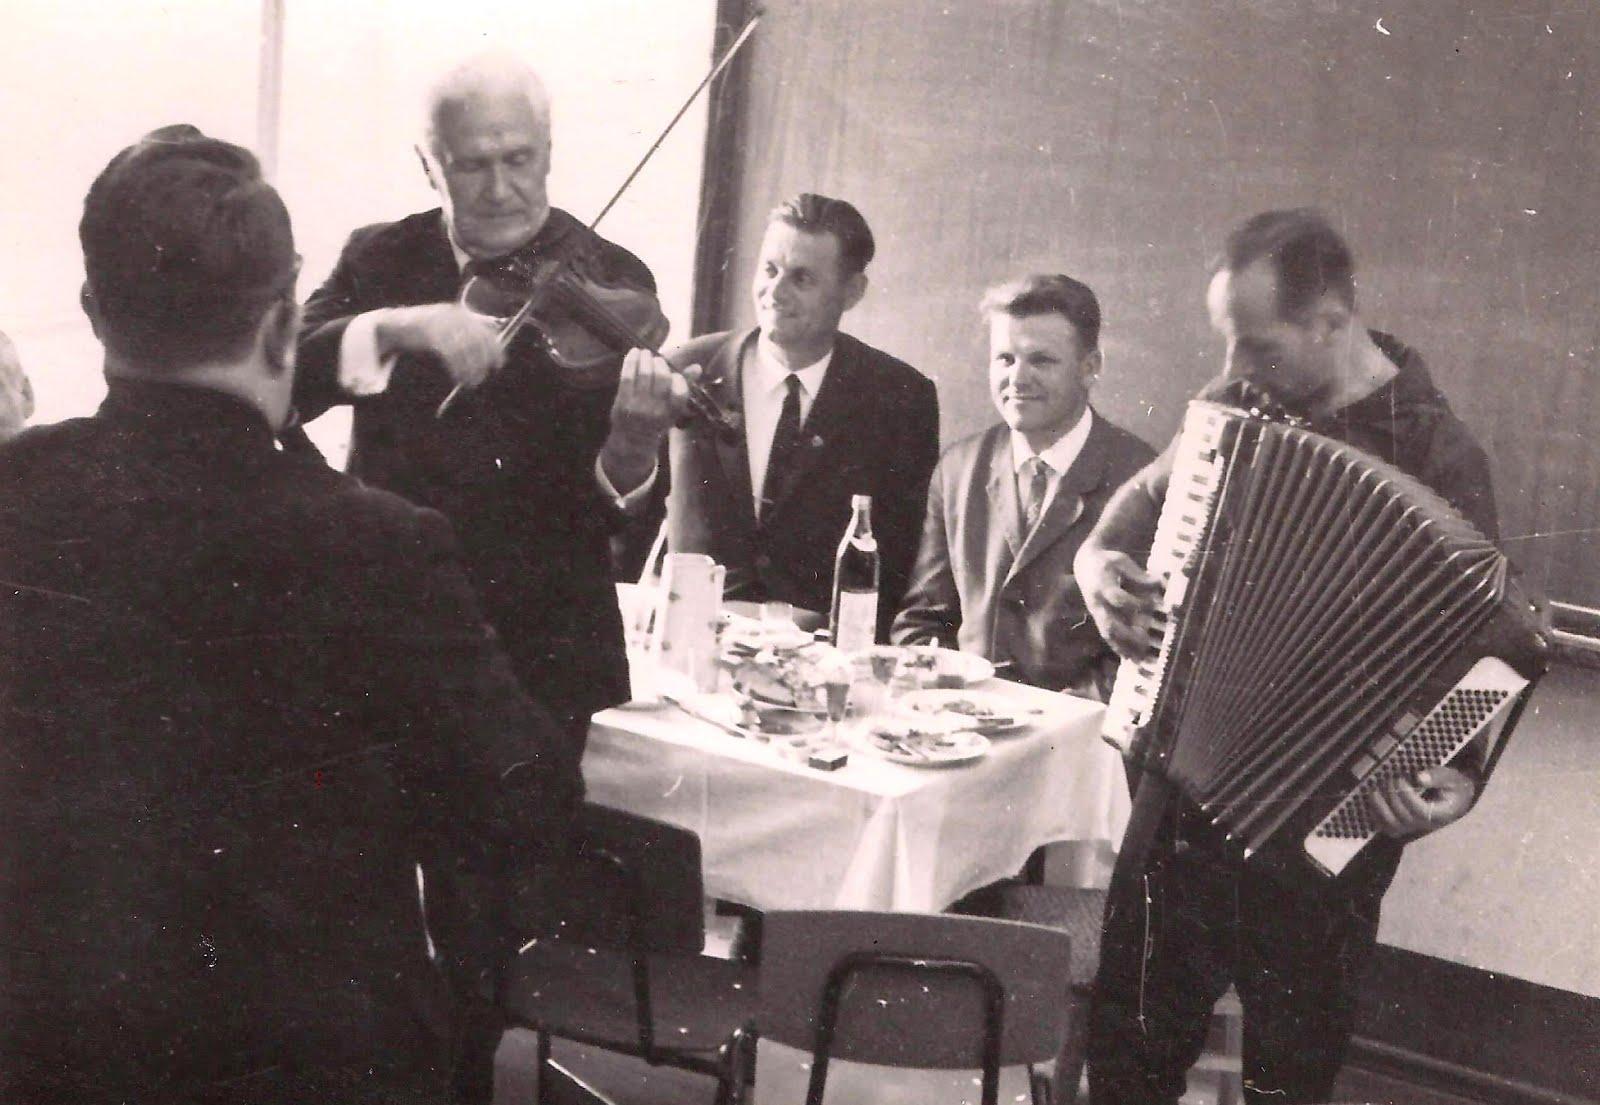 Valles estrādes orķestris muzicē kādā sarīkojumā . 1960-tie gadi